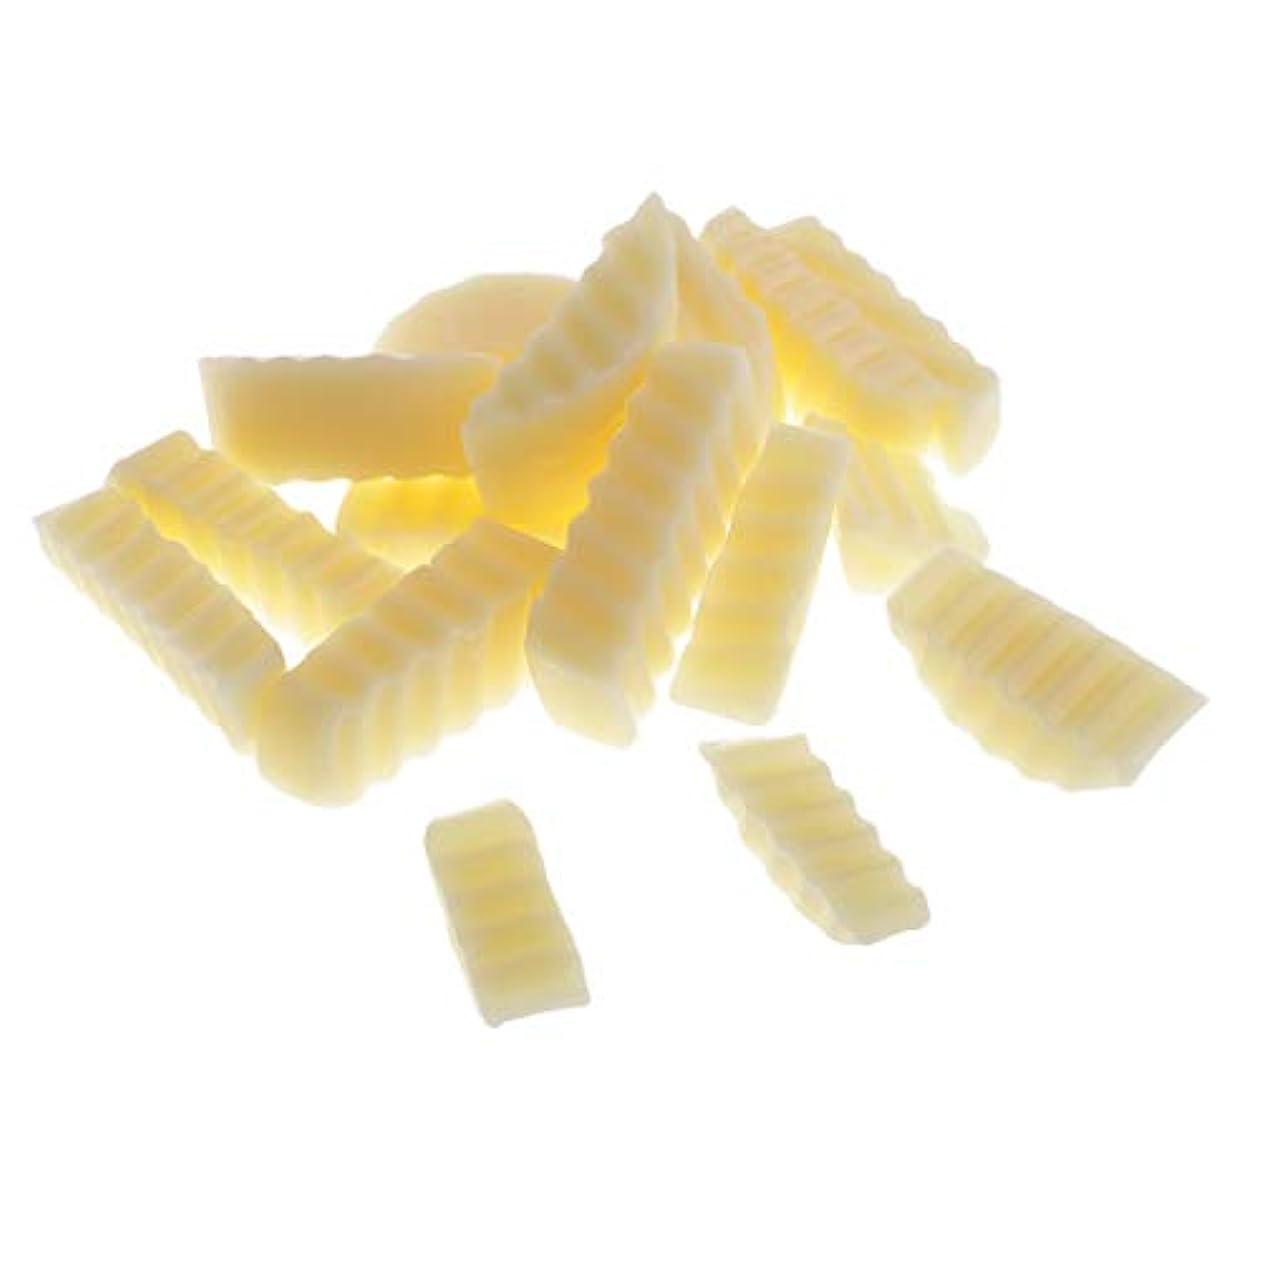 ボタンキュービックマルコポーロD DOLITY ラノリン石鹸 自然な素材 DIY工芸品 手作り 石鹸 固形せっけん 約250g /パック